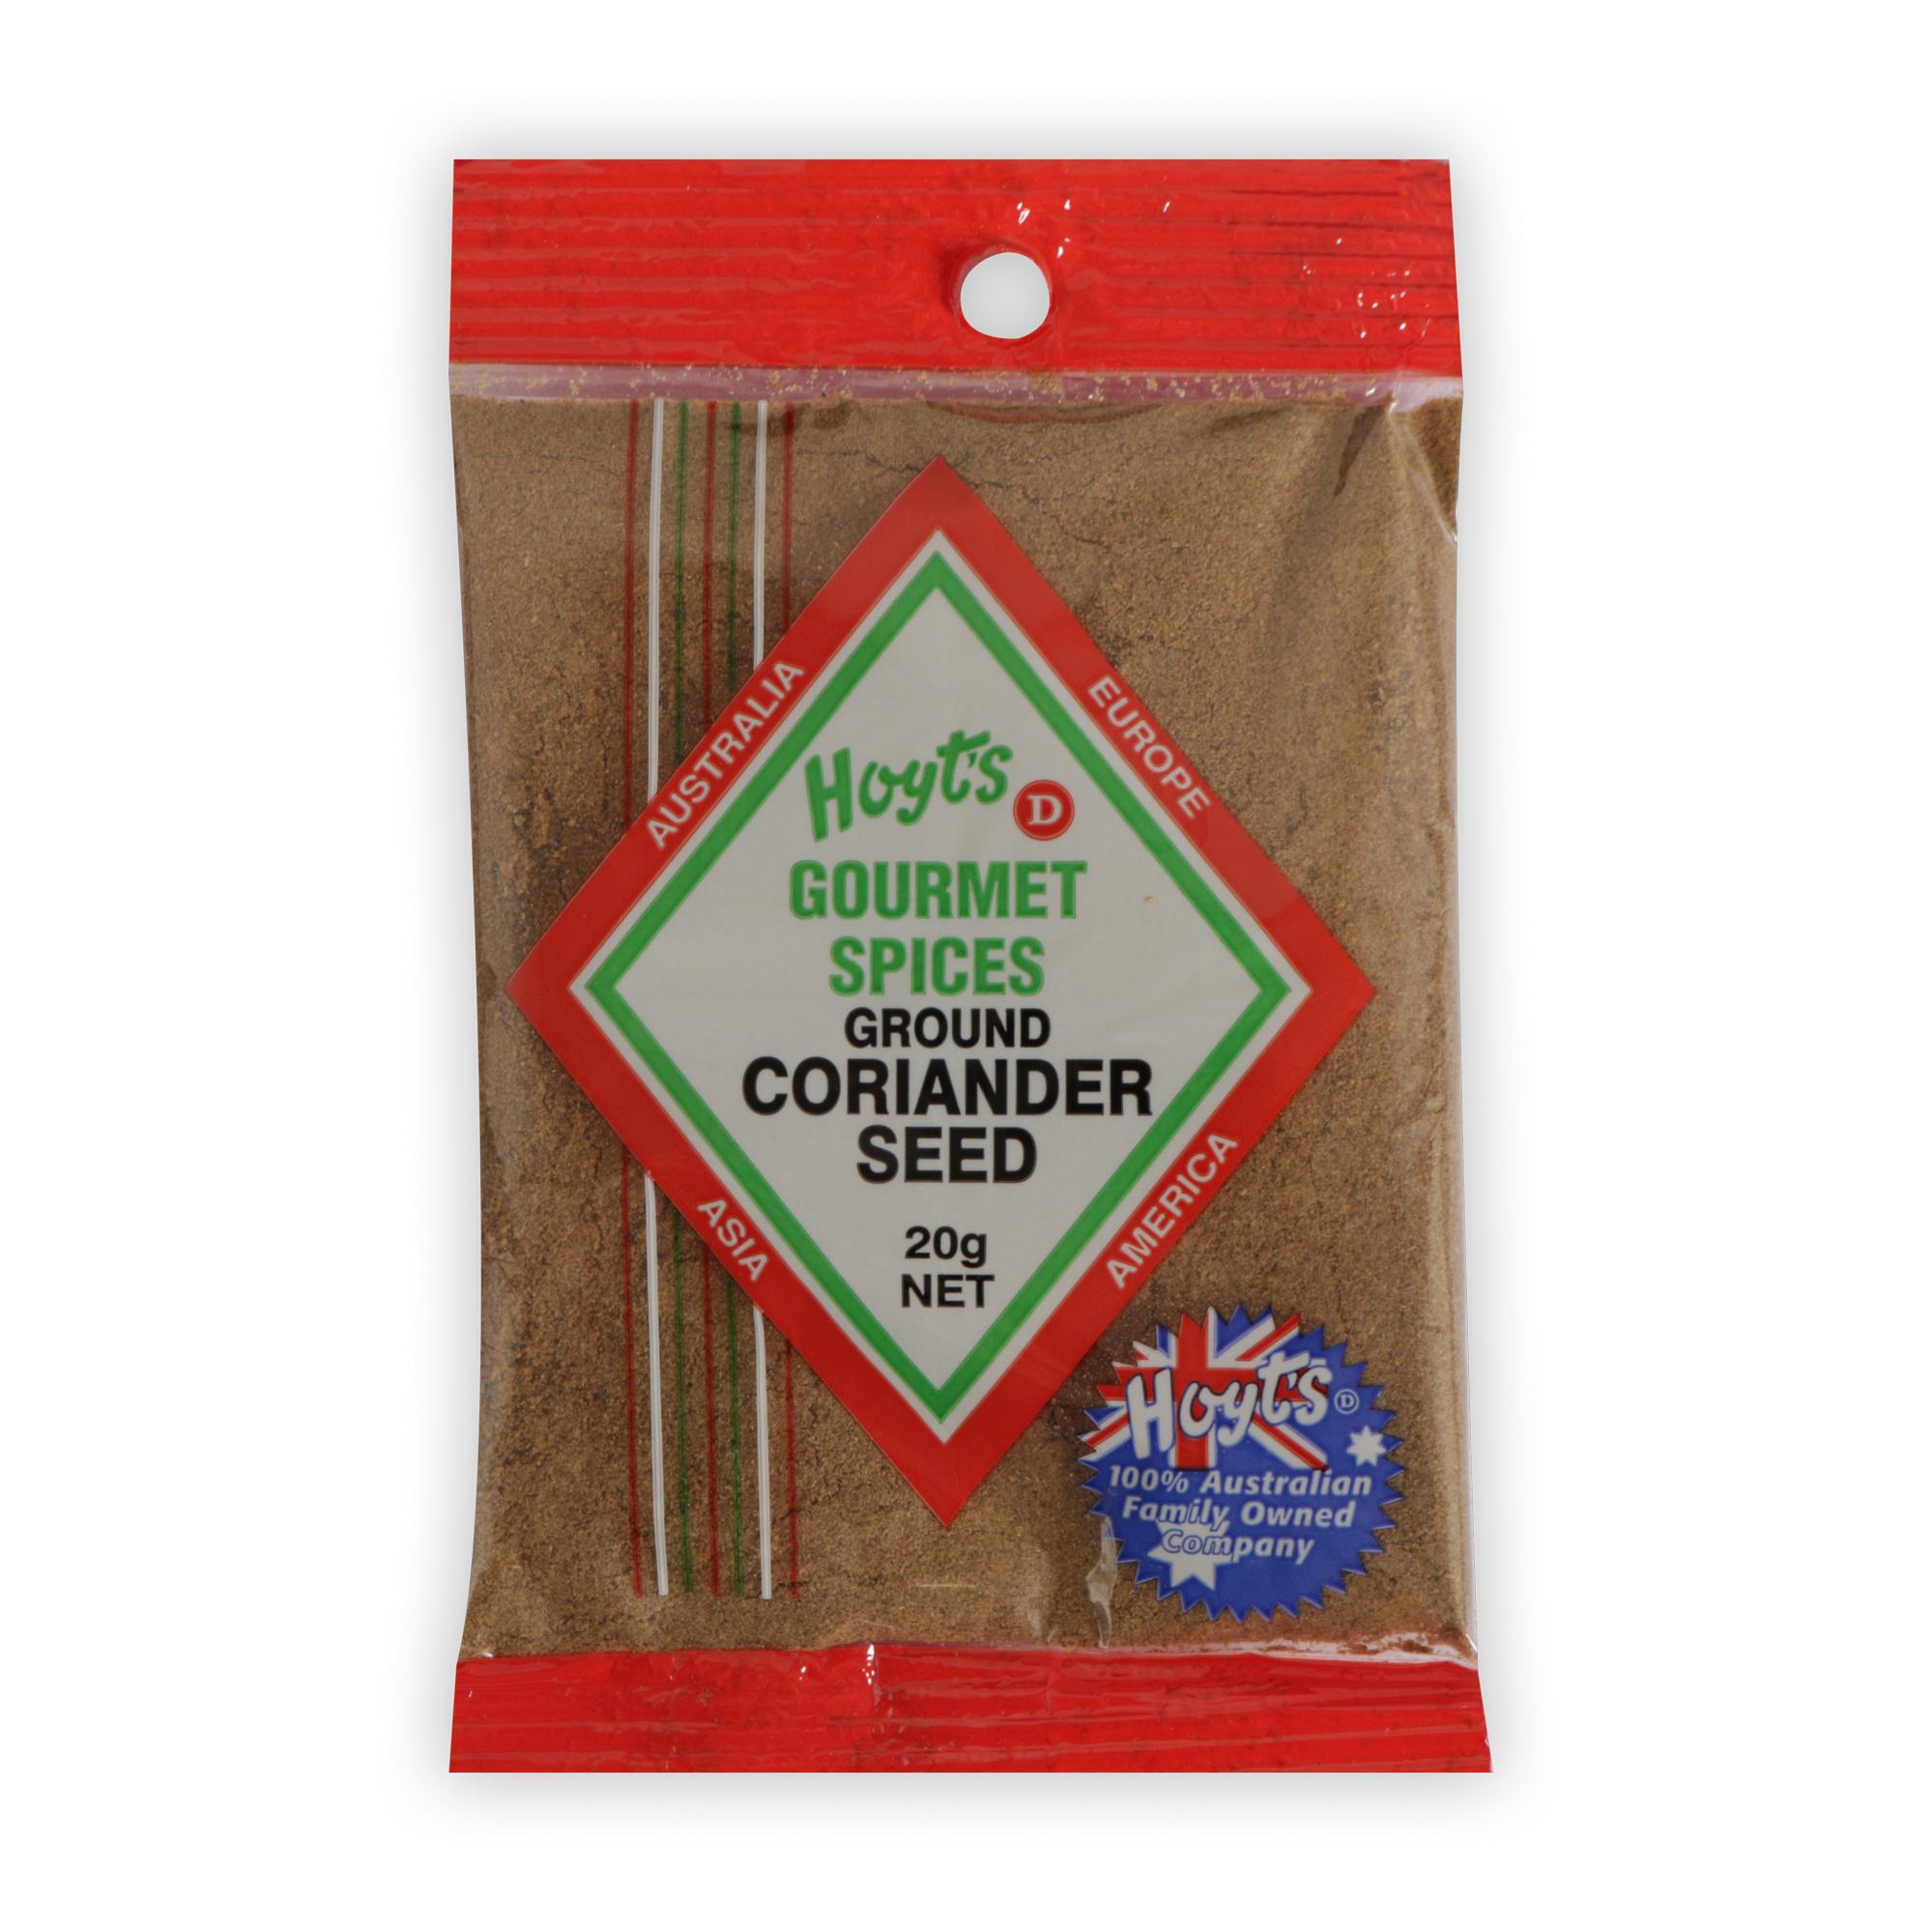 Gourmet Coriander Ground 20g - 9300725010171 1